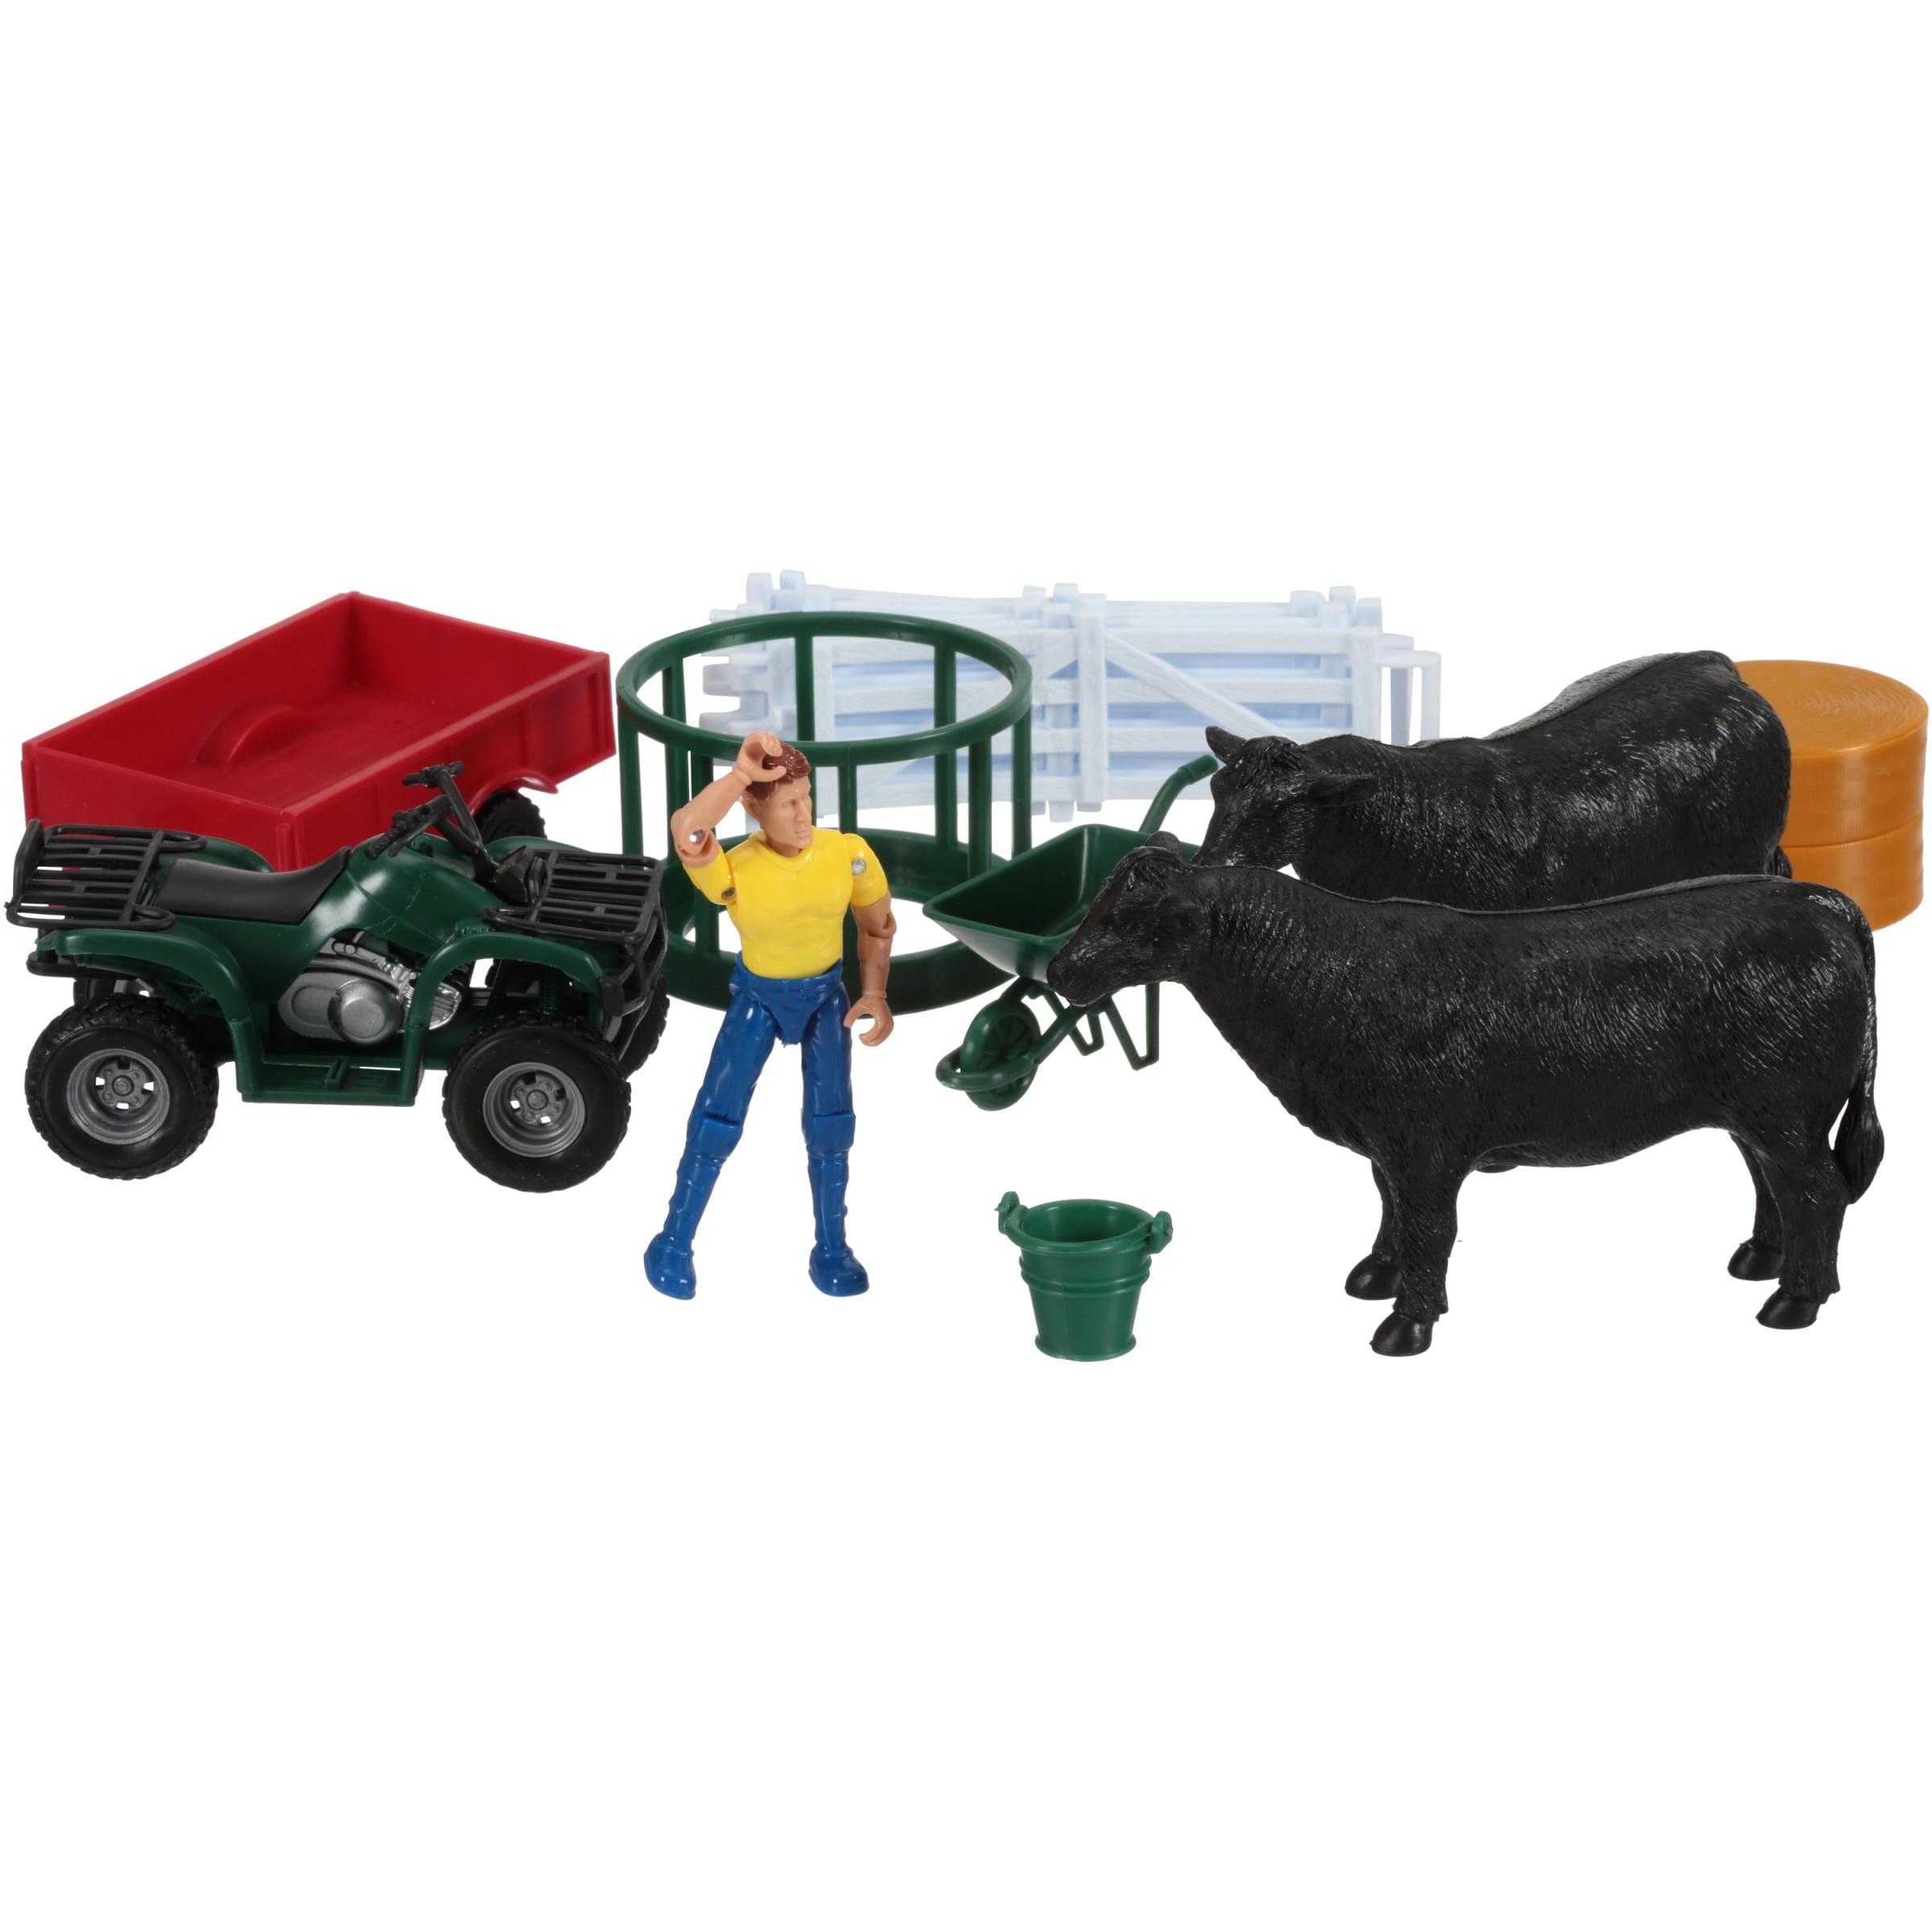 NewRay Country Life Farm Playset 22 pc Box by NewRay Toys